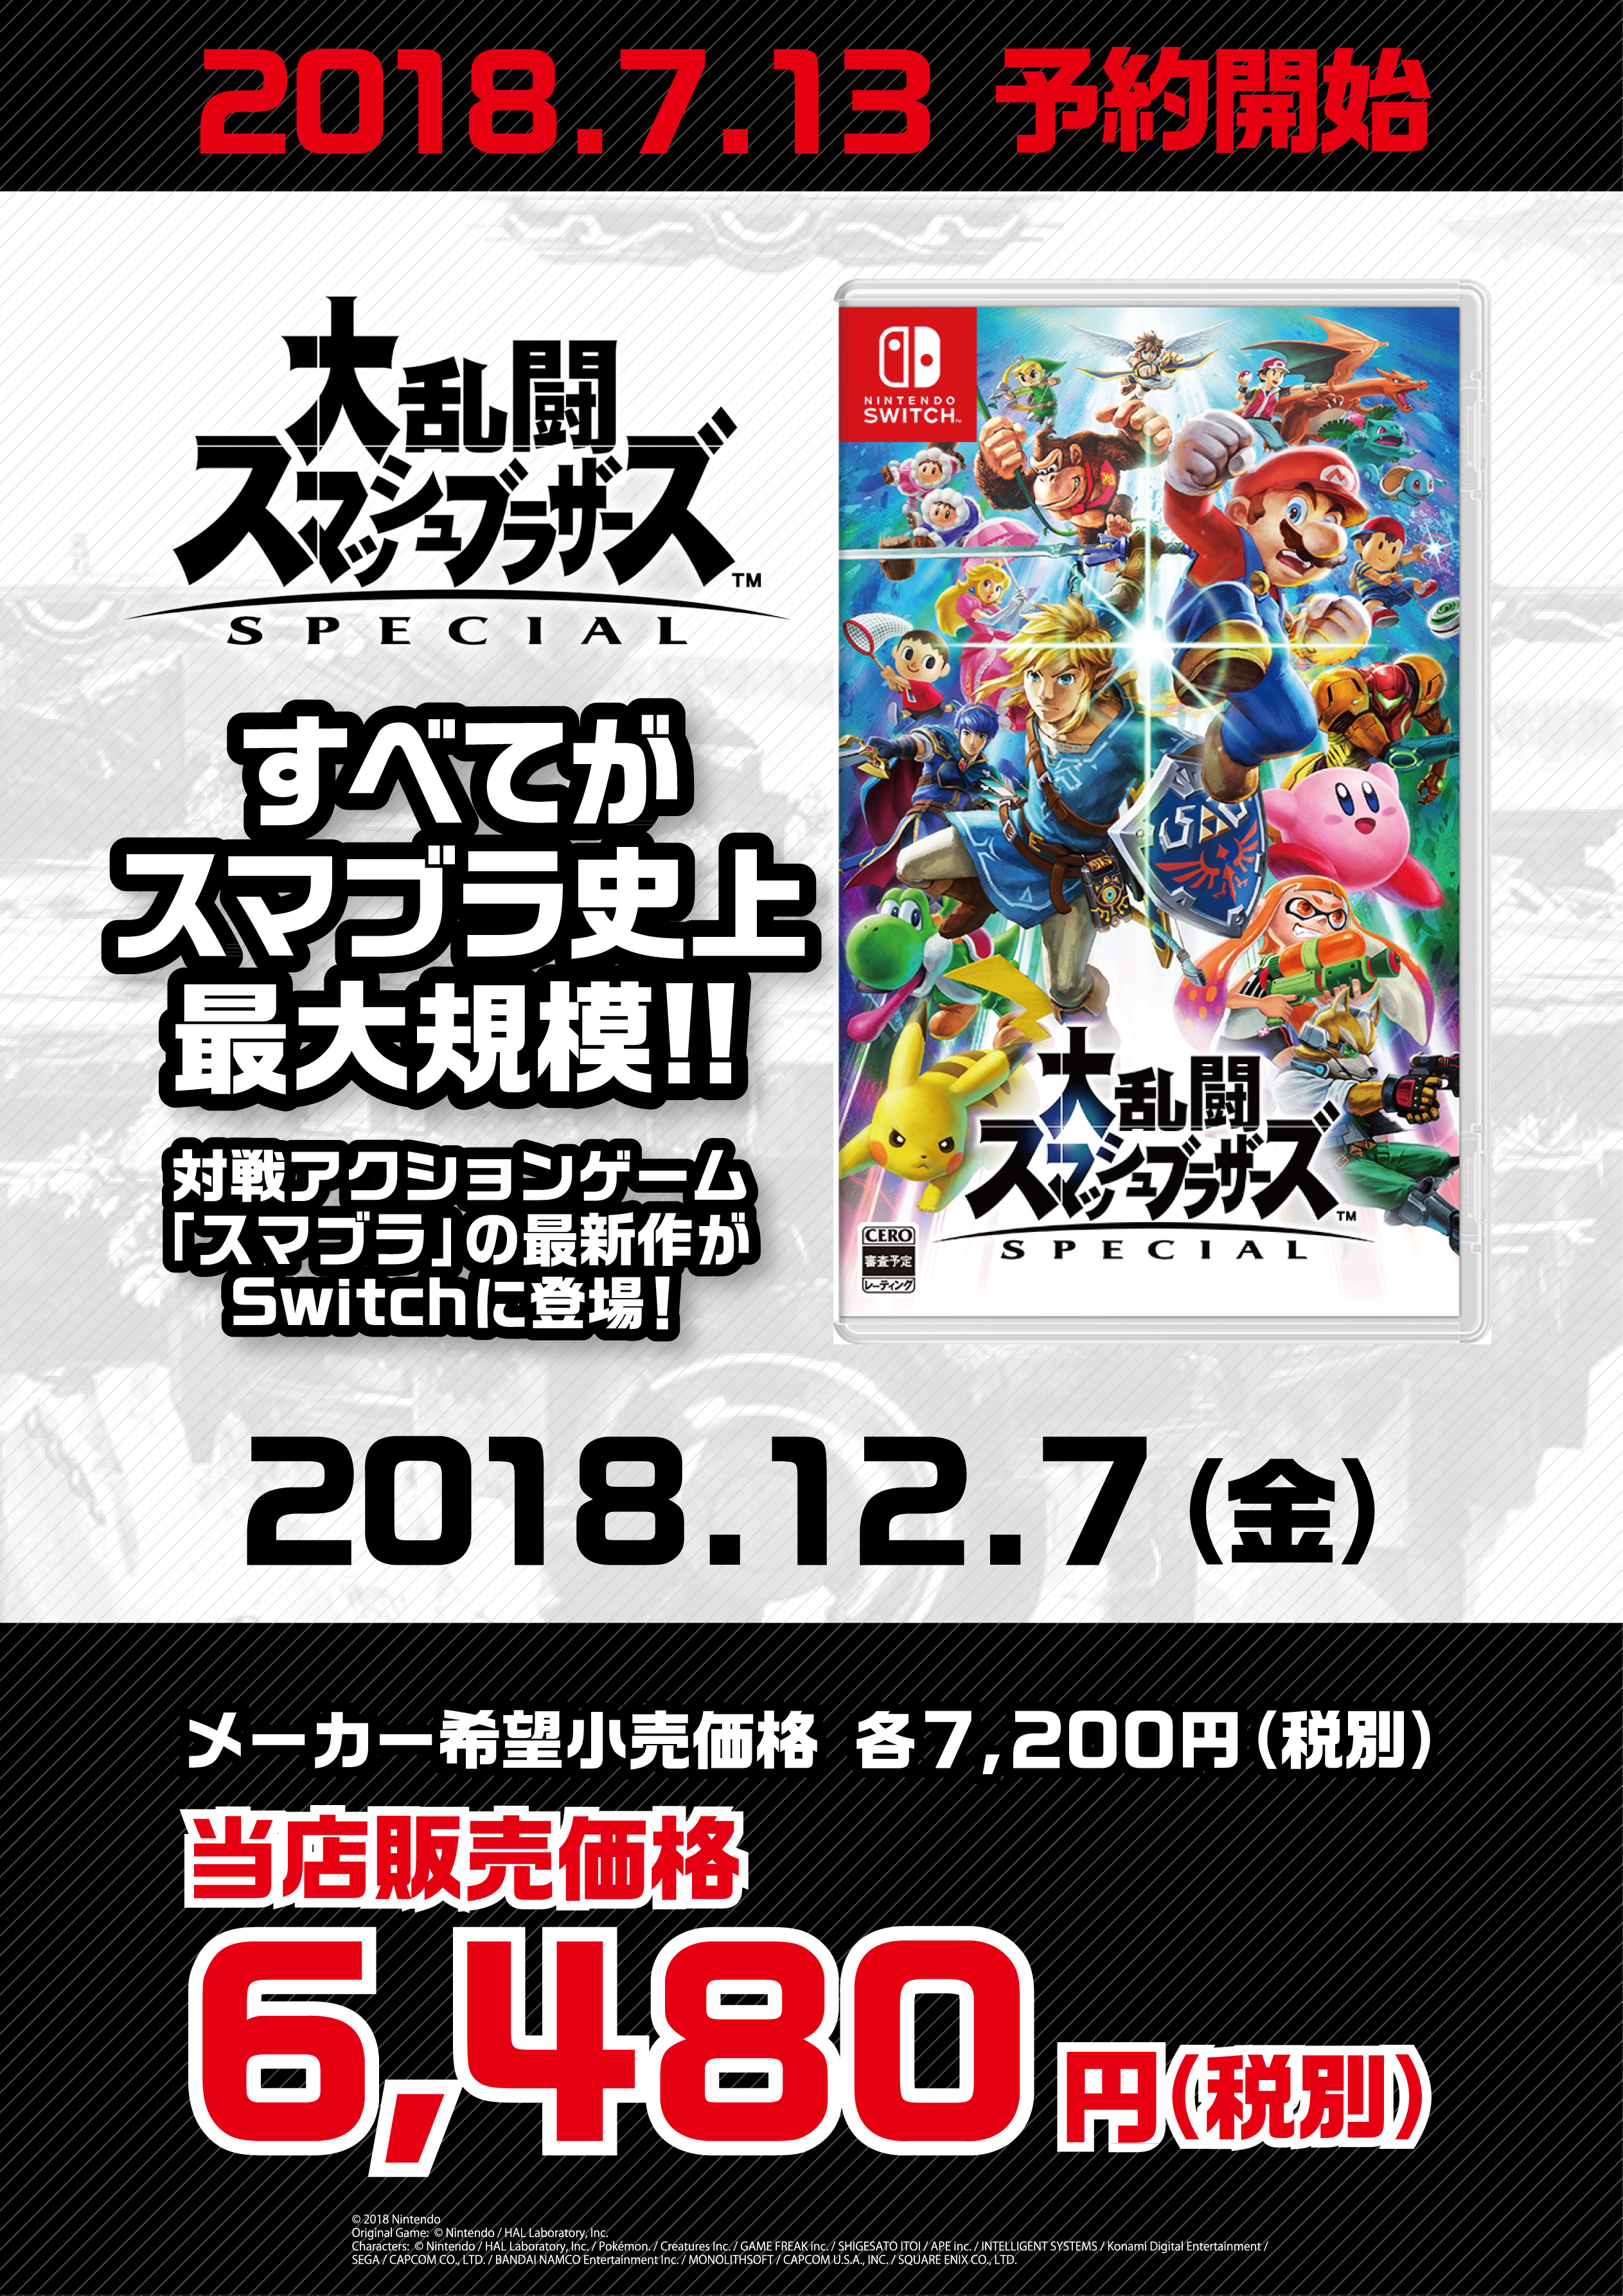 乱闘 switch 大 Switch「スマブラ」追加ファイター映像公開!